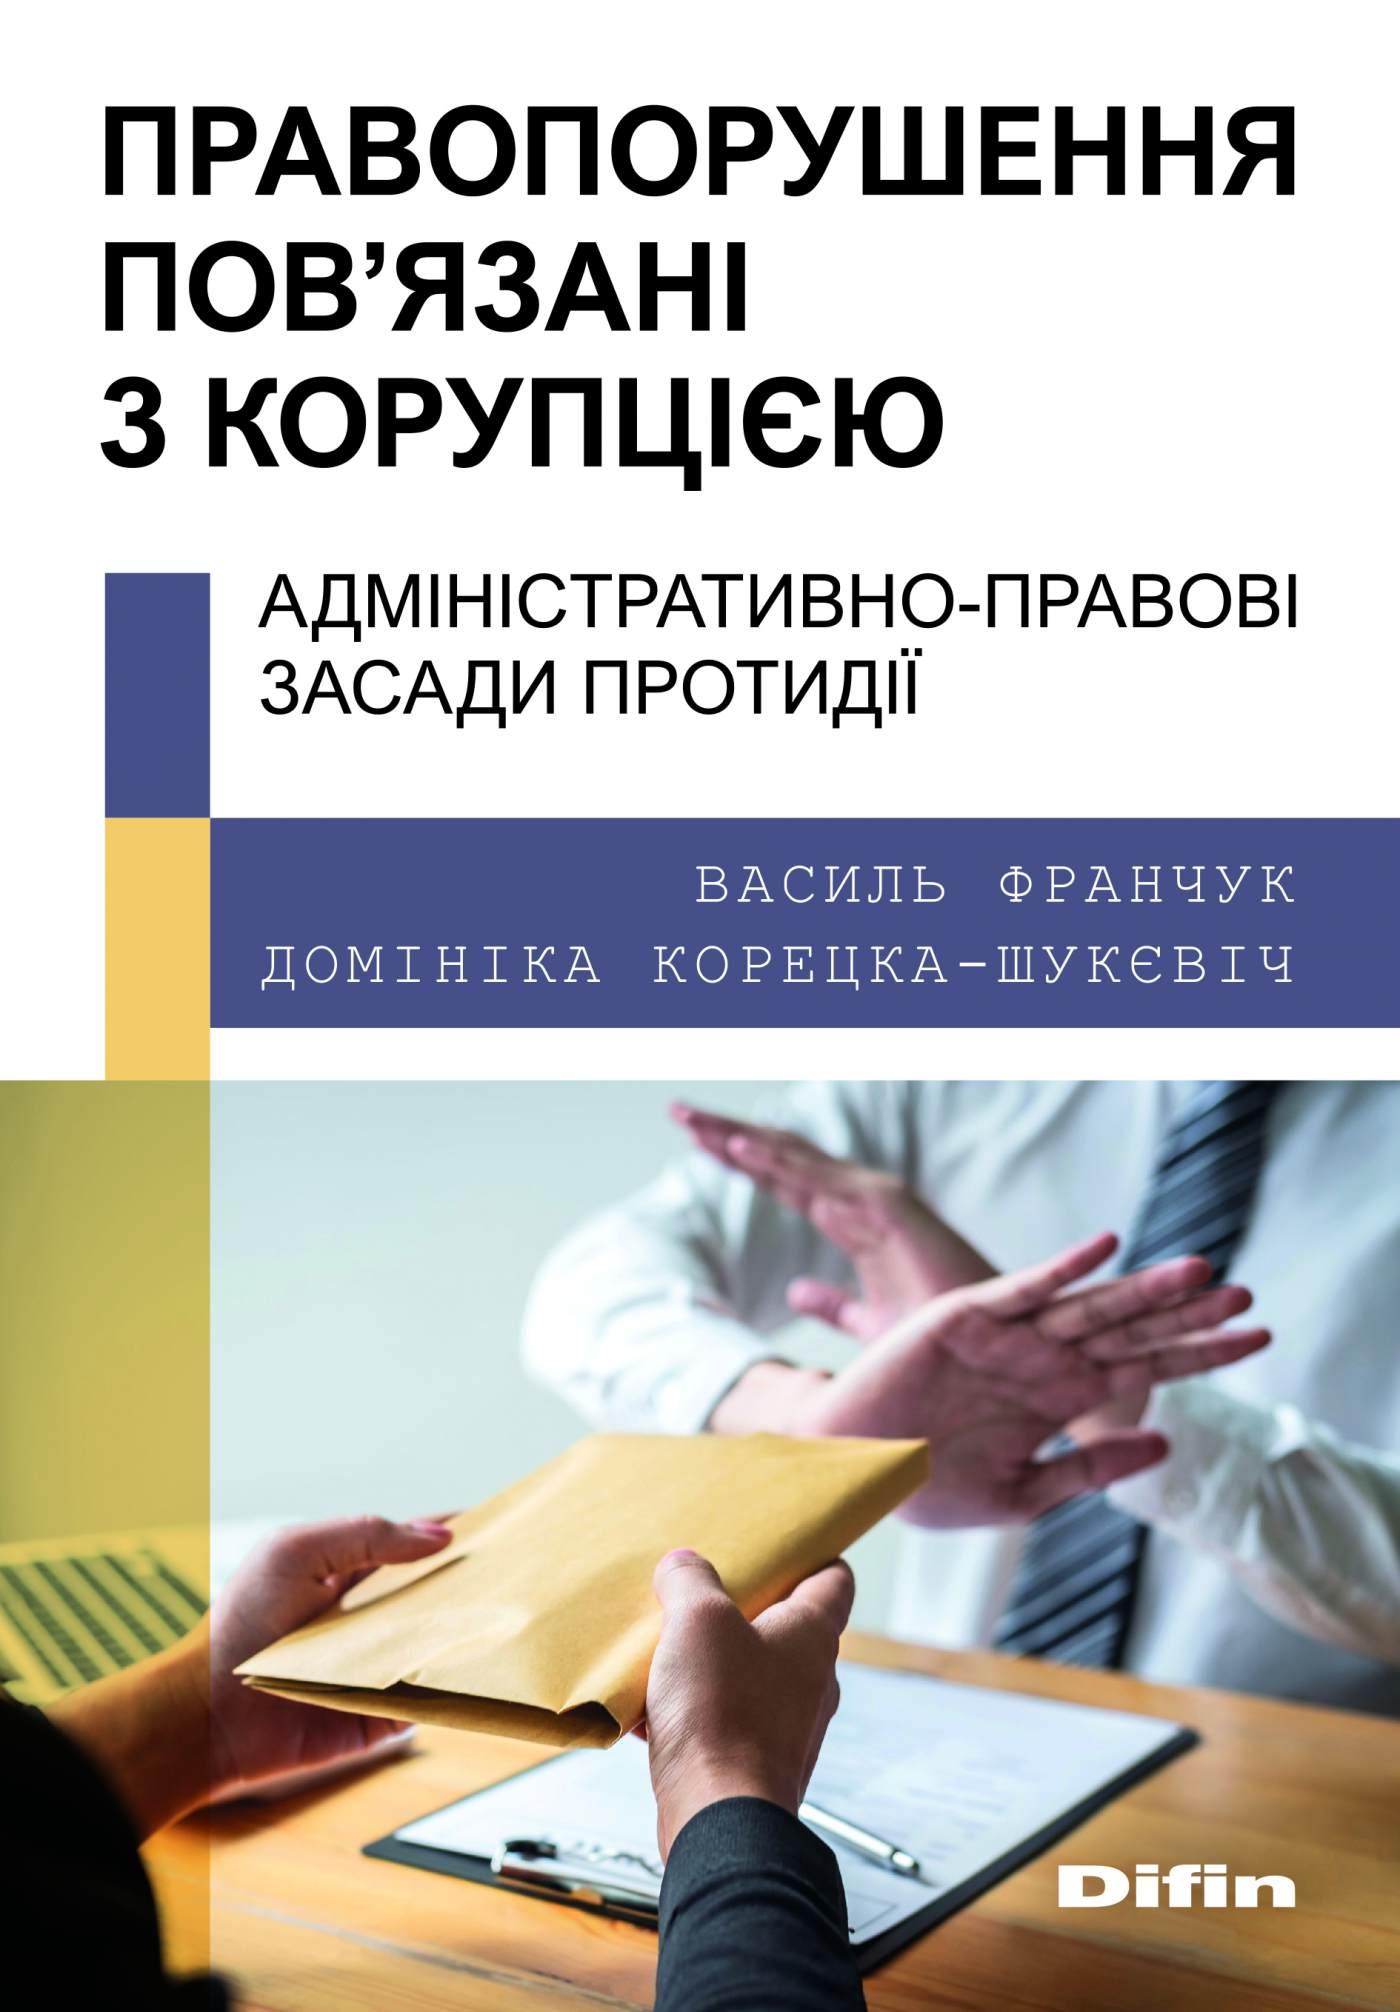 CORRUPTION-RELATED OFFENSES: ADMINISTRATIVE LEGAL  ПРАВОПОРУШЕННЯ, ПОВ'ЯЗАНІ З КОРУПЦІЄЮ:  АДМІНІСТРАТИВНО-ПРАВОВІ ЗАСАДИ ПРОТИДІЇ